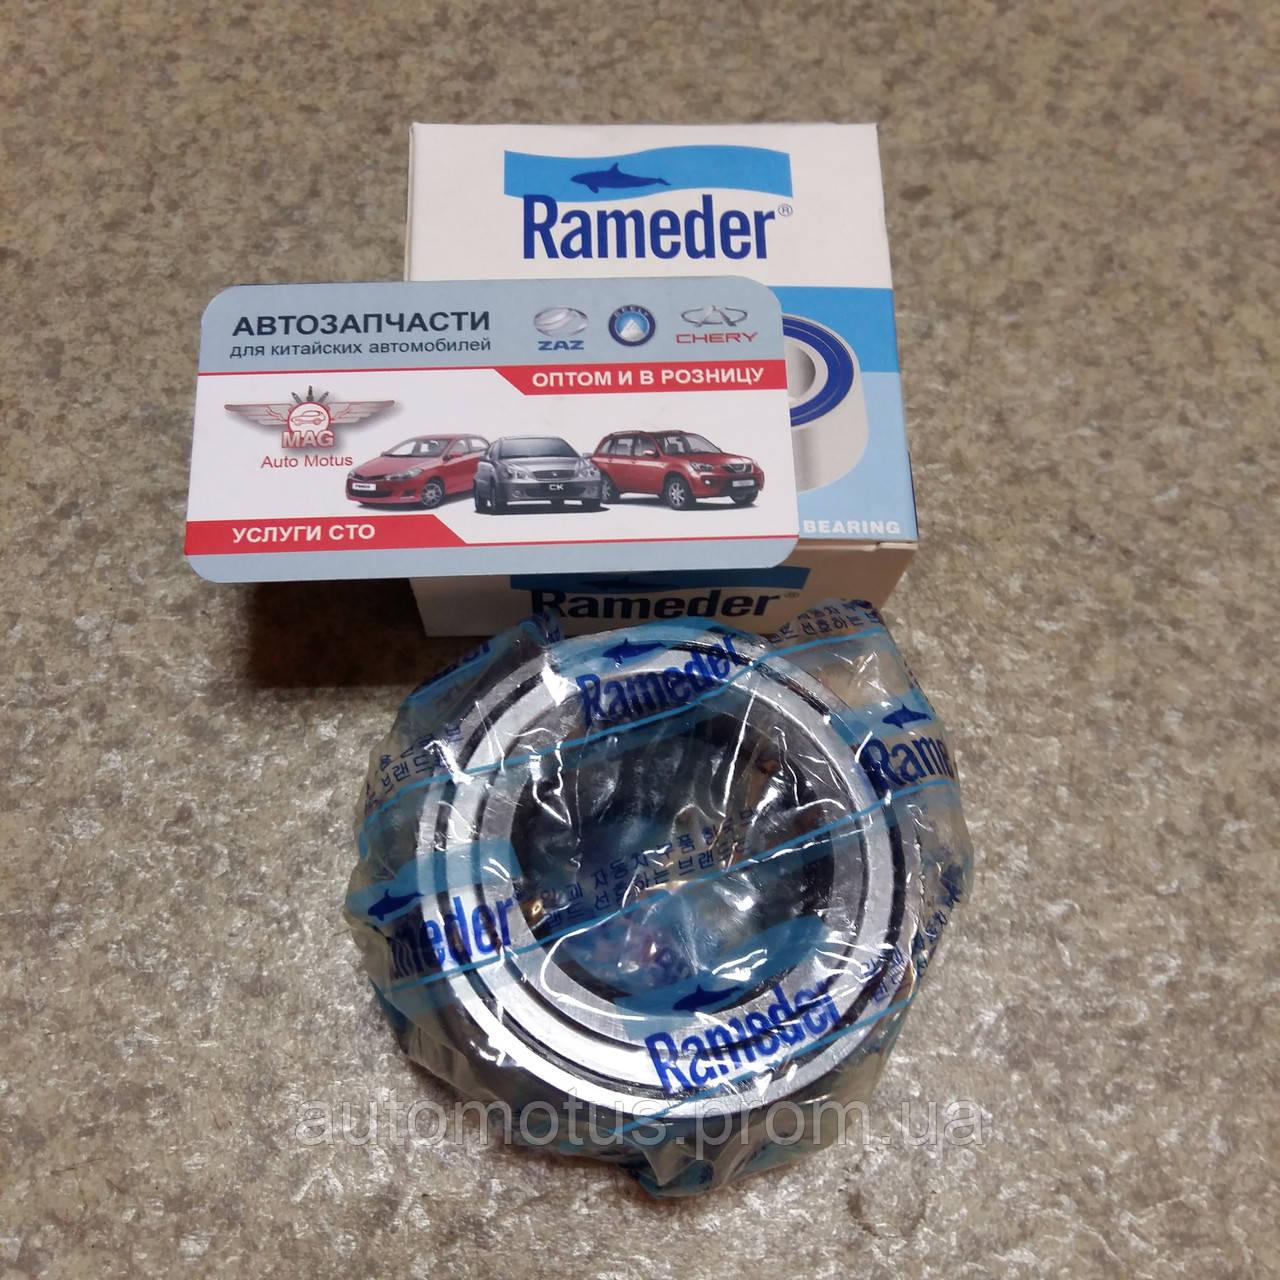 Подшипник передней ступицы  Rameder 3103203001 СК/CK2